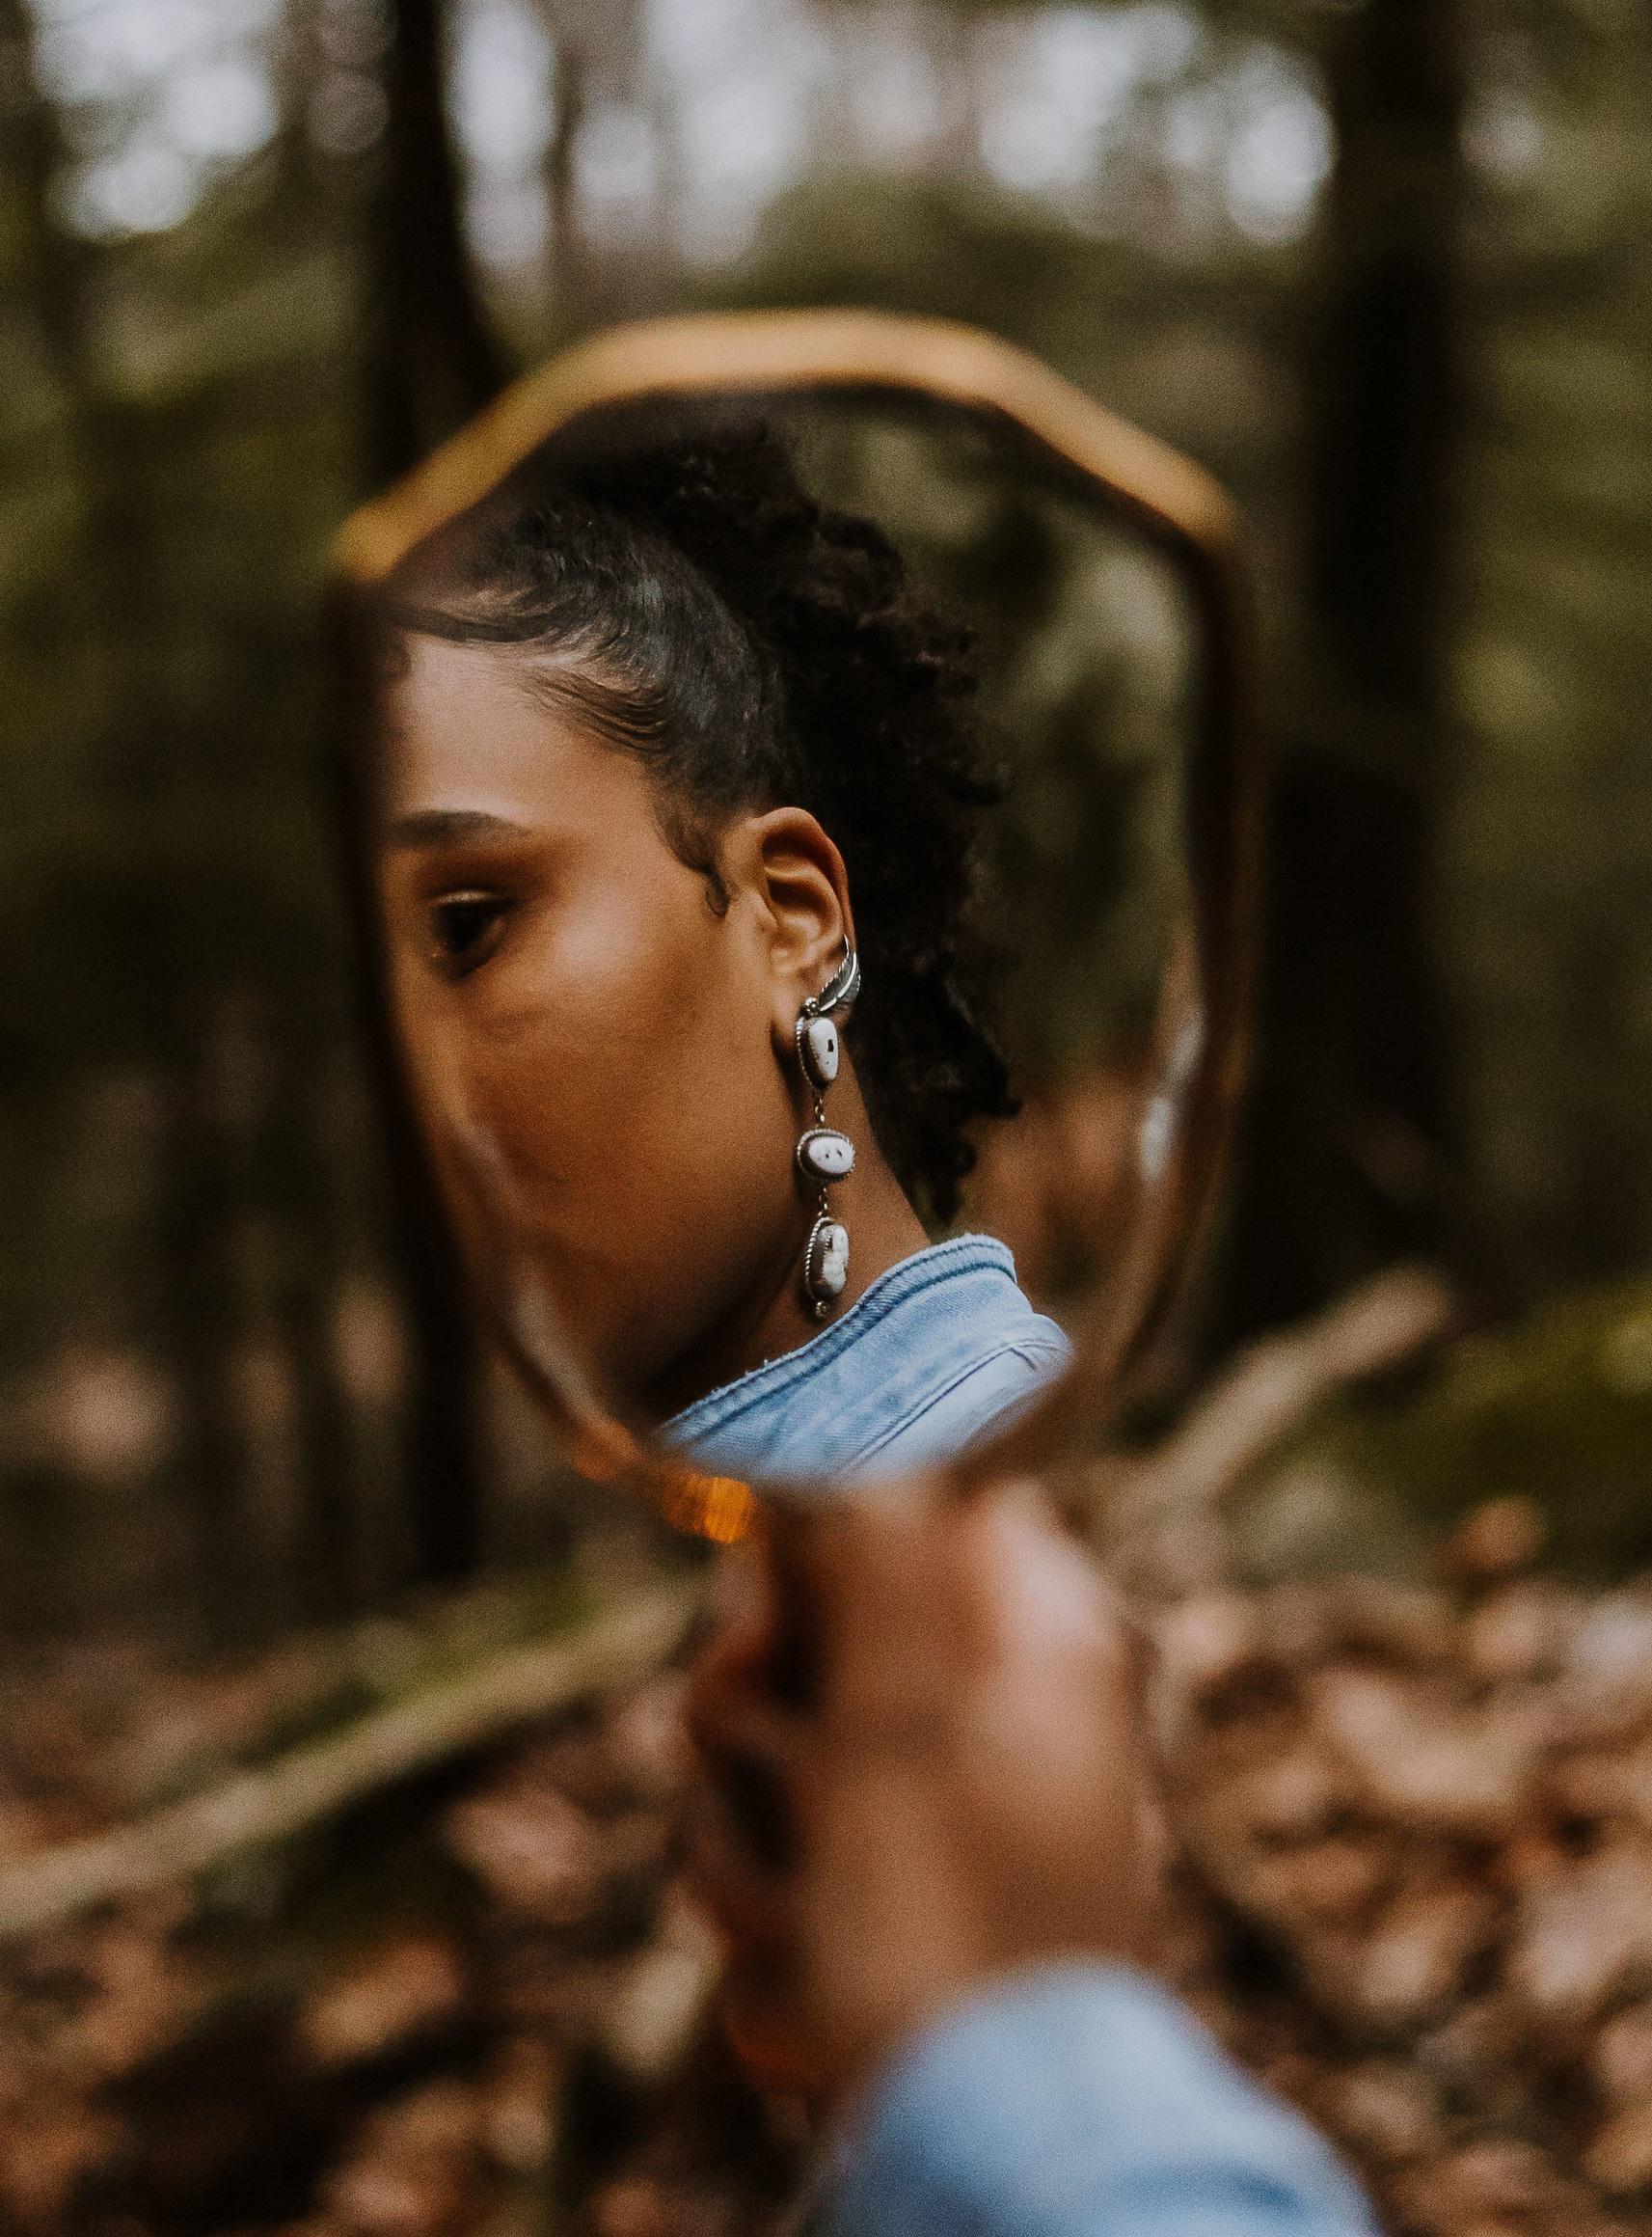 Jaq+Mirror+Woods.jpg